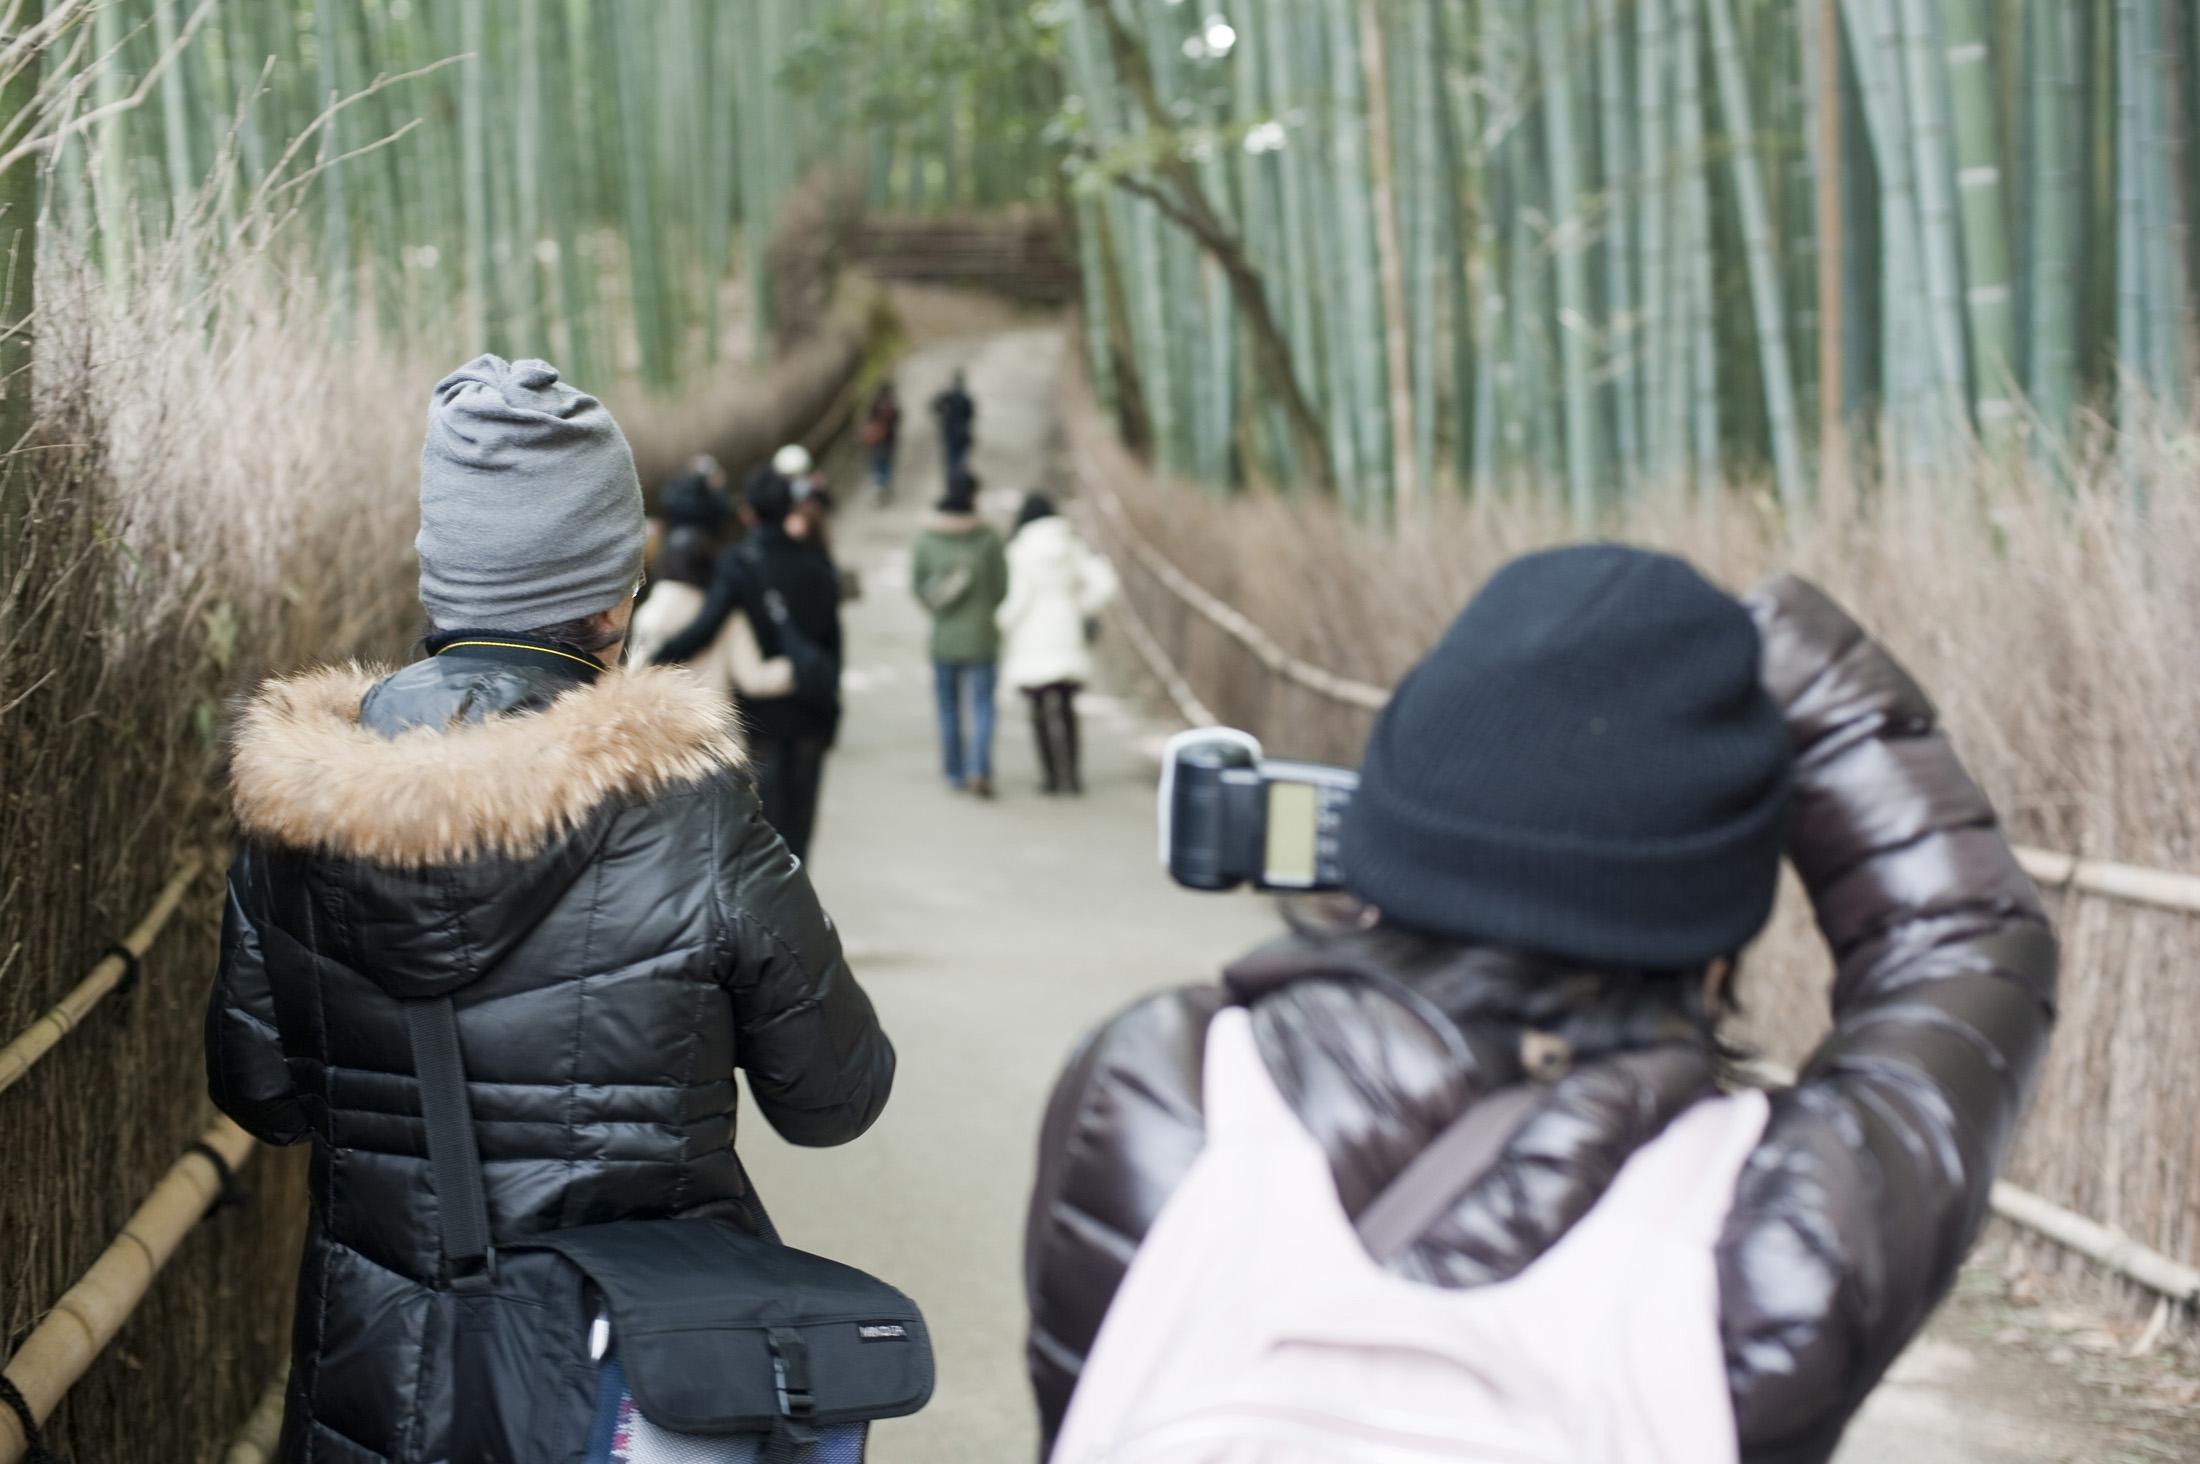 بالصور غابات الخيزران في اليابان Bamboo_grove